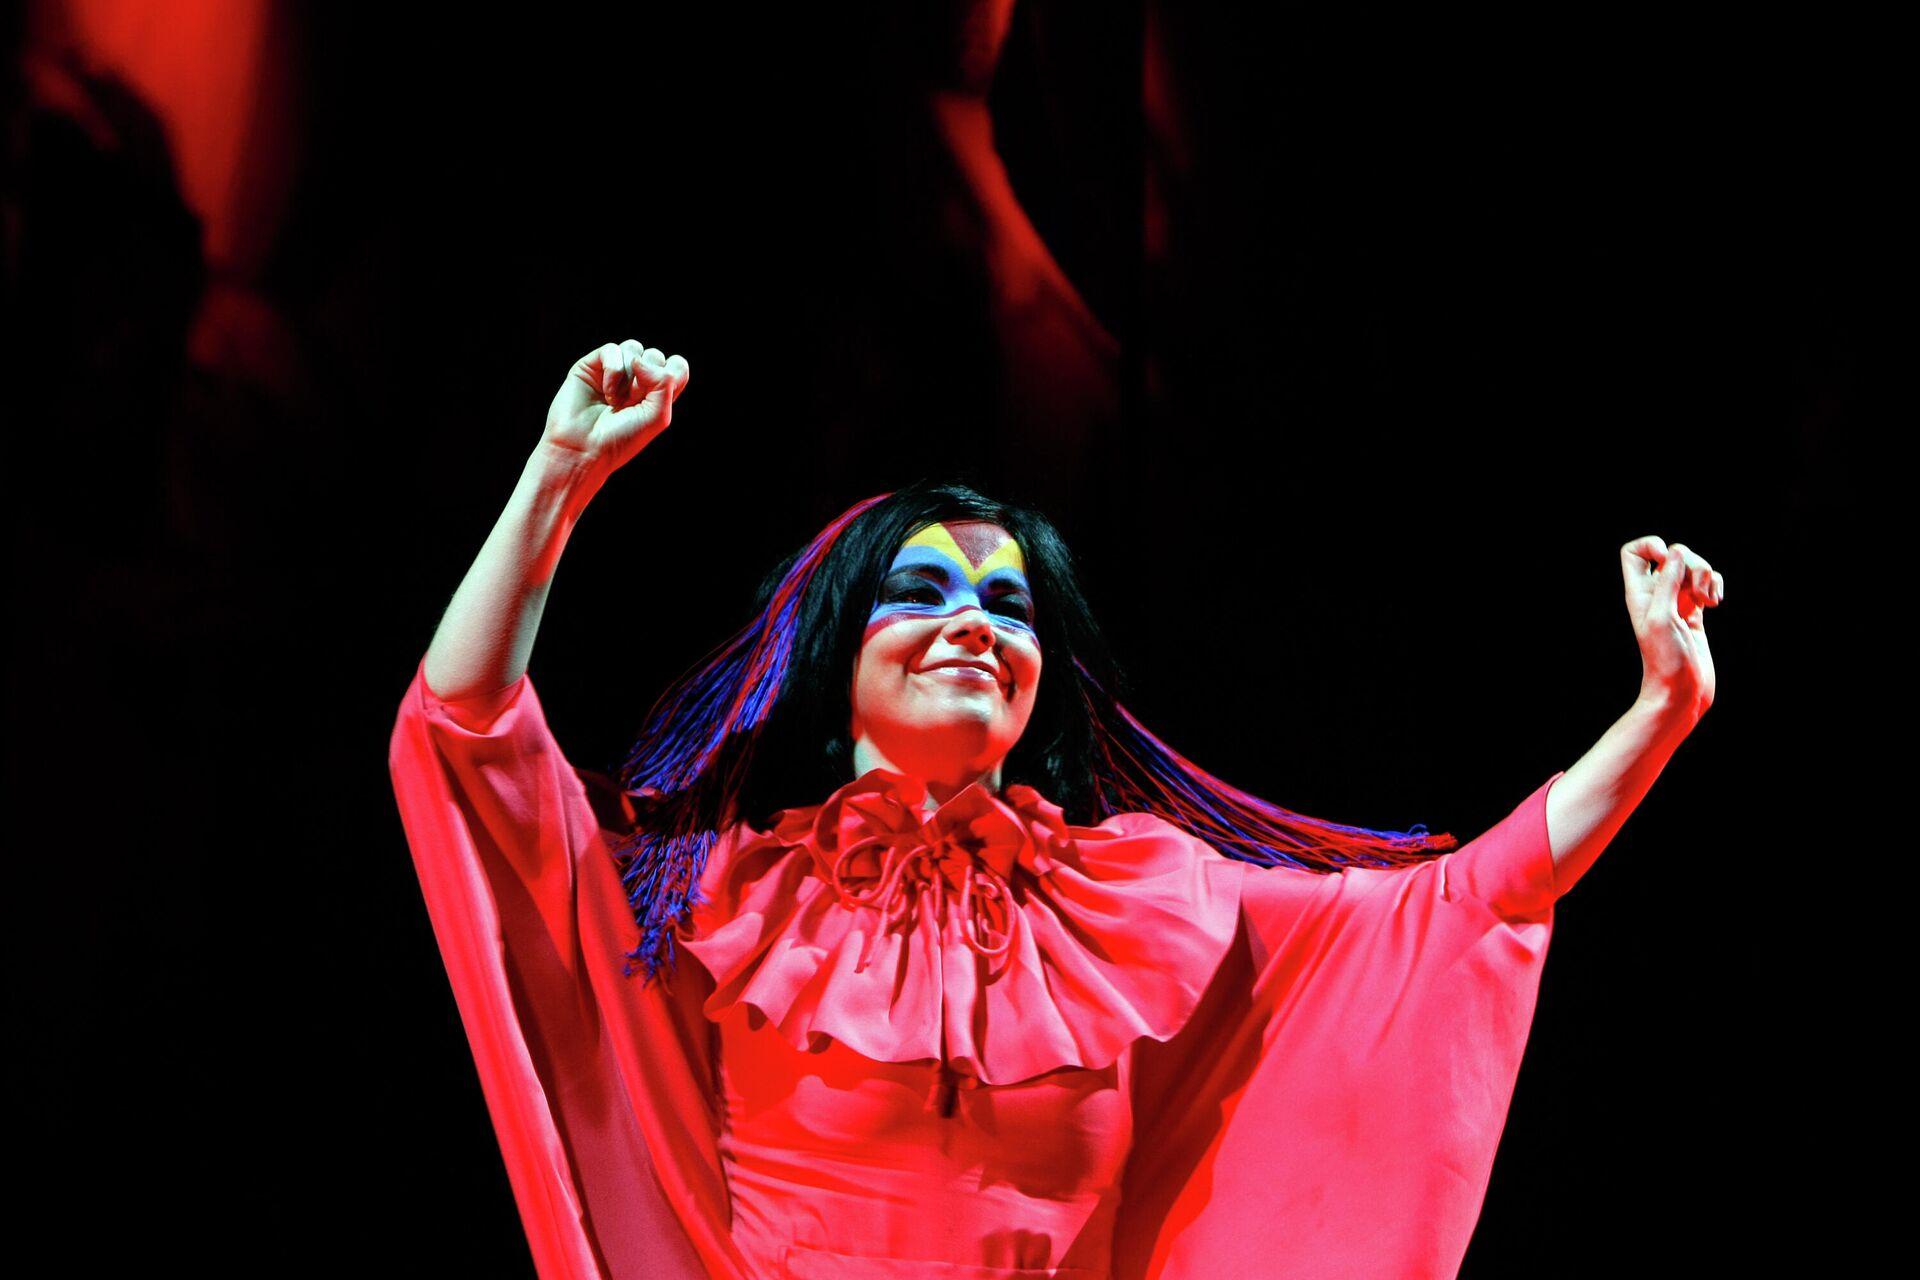 Выступление исландской певицы Бьорк в Ньоне. 2007 год  - РИА Новости, 1920, 20.11.2020